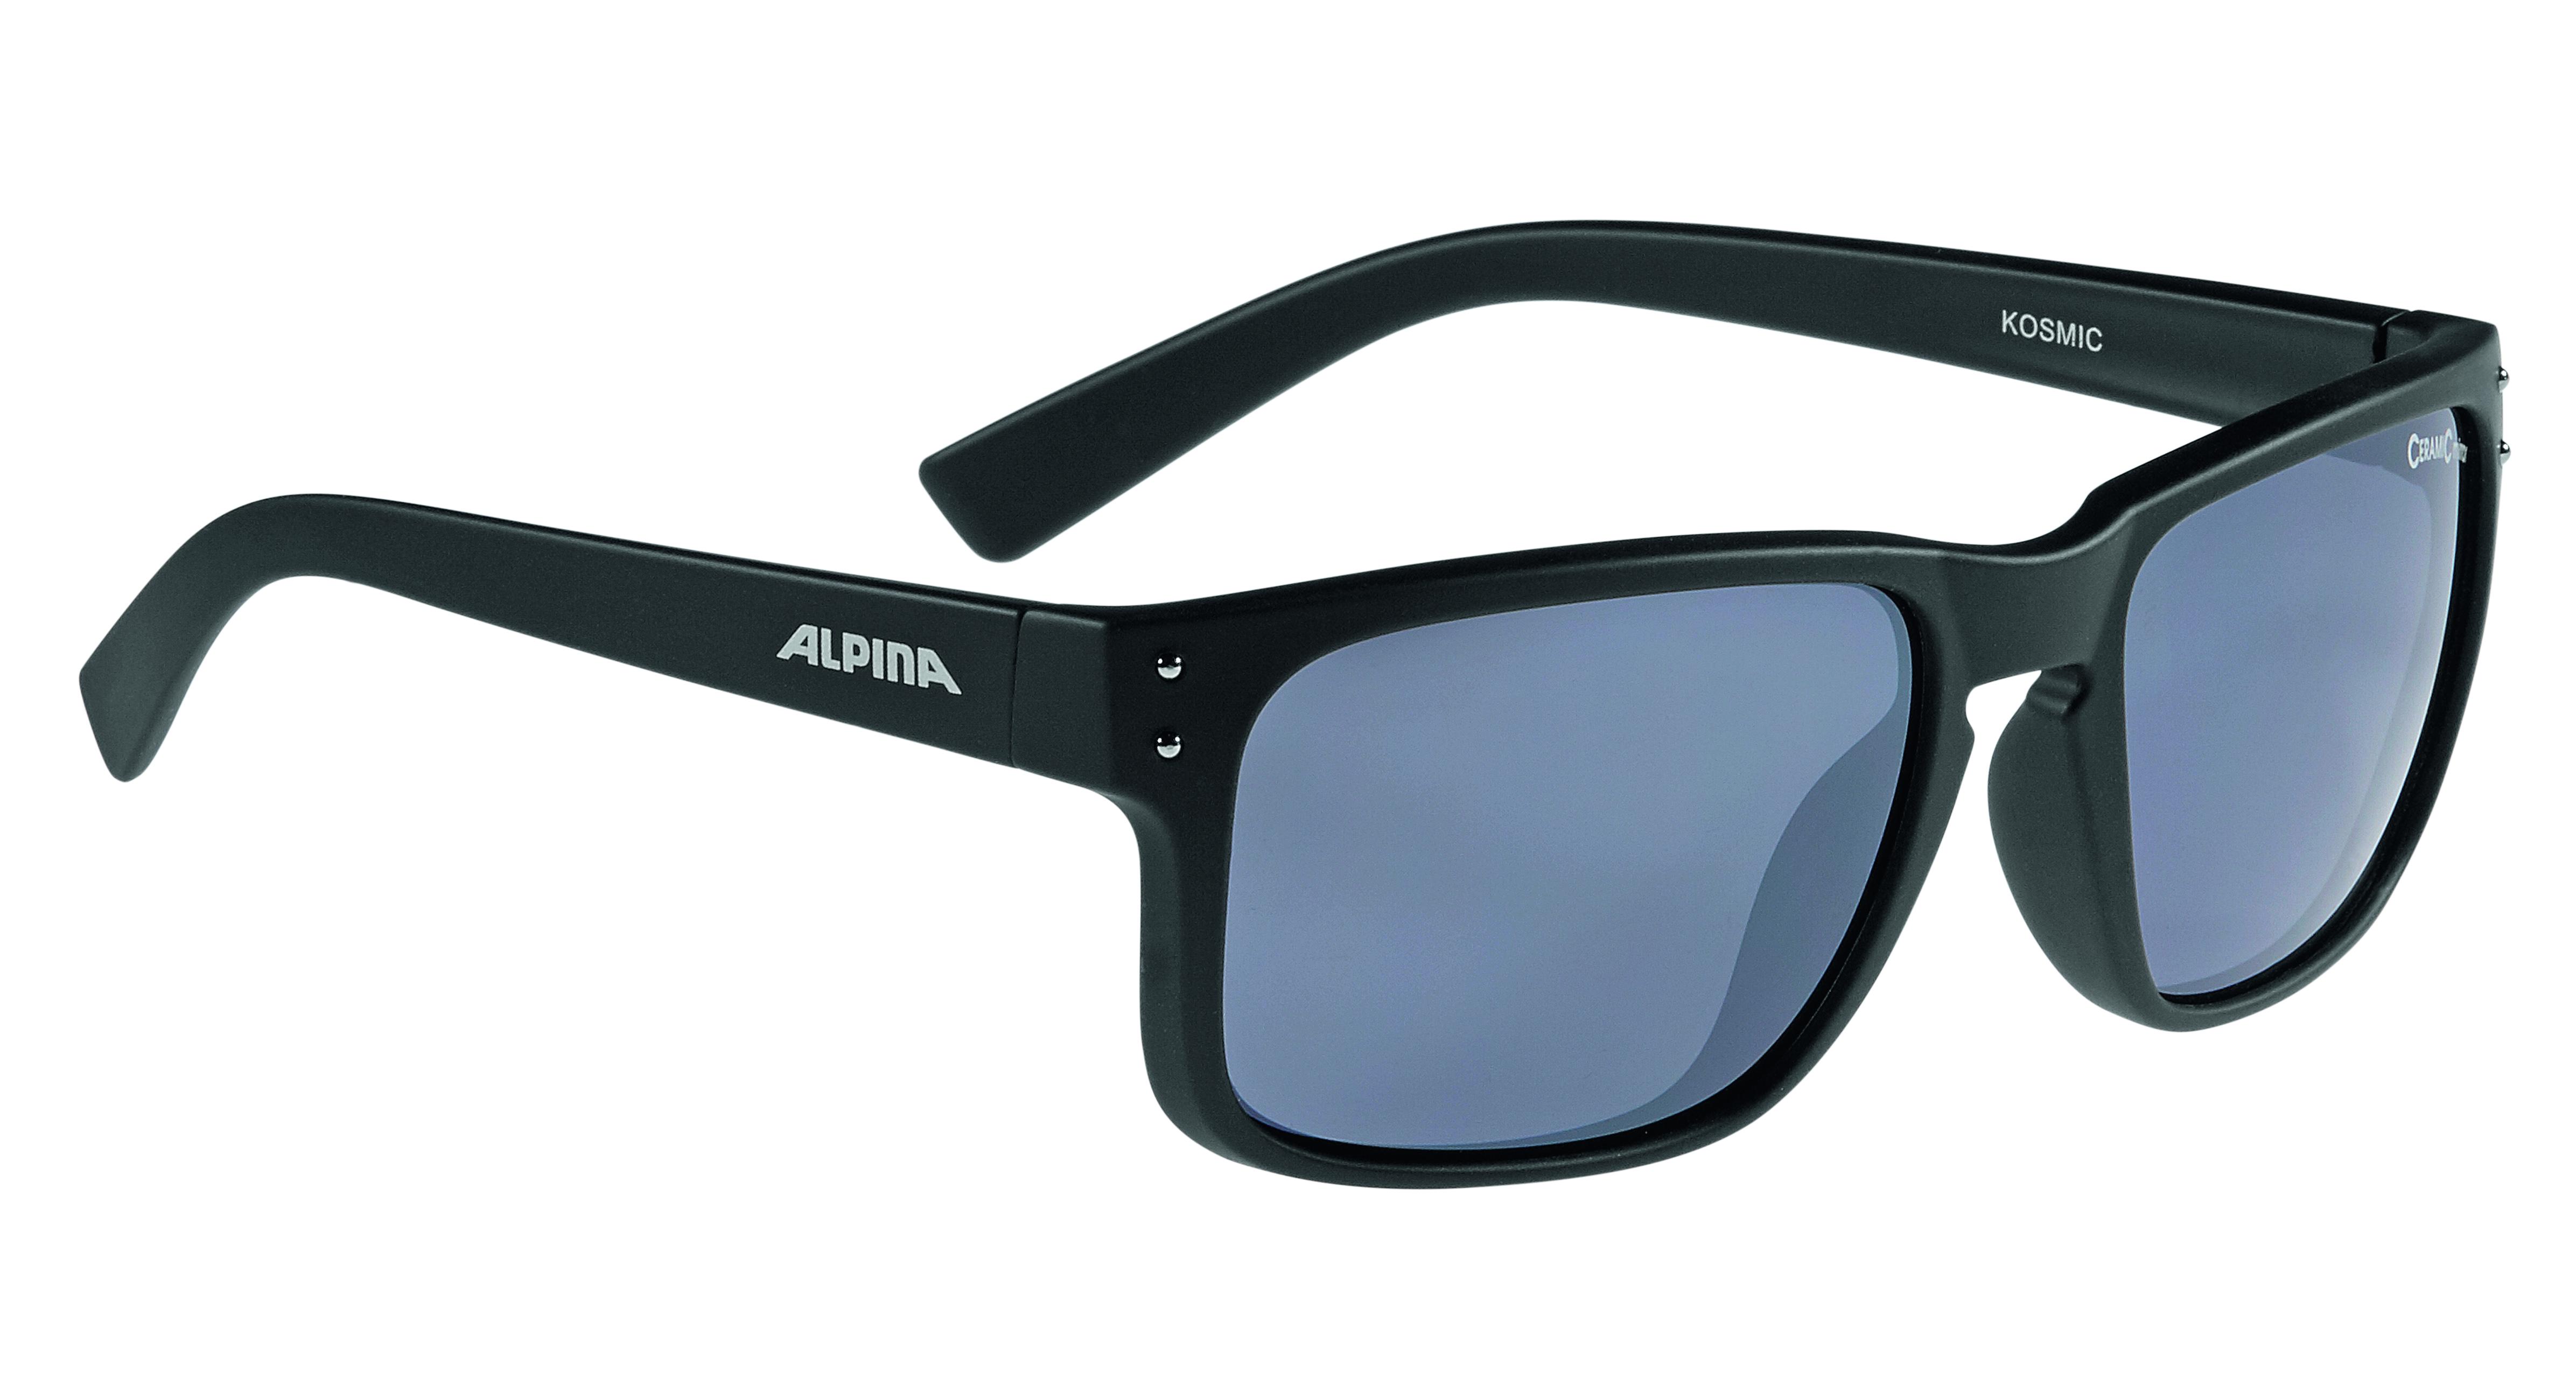 Очки солнцезащитные Alpina 2018 KOSMIC black matt